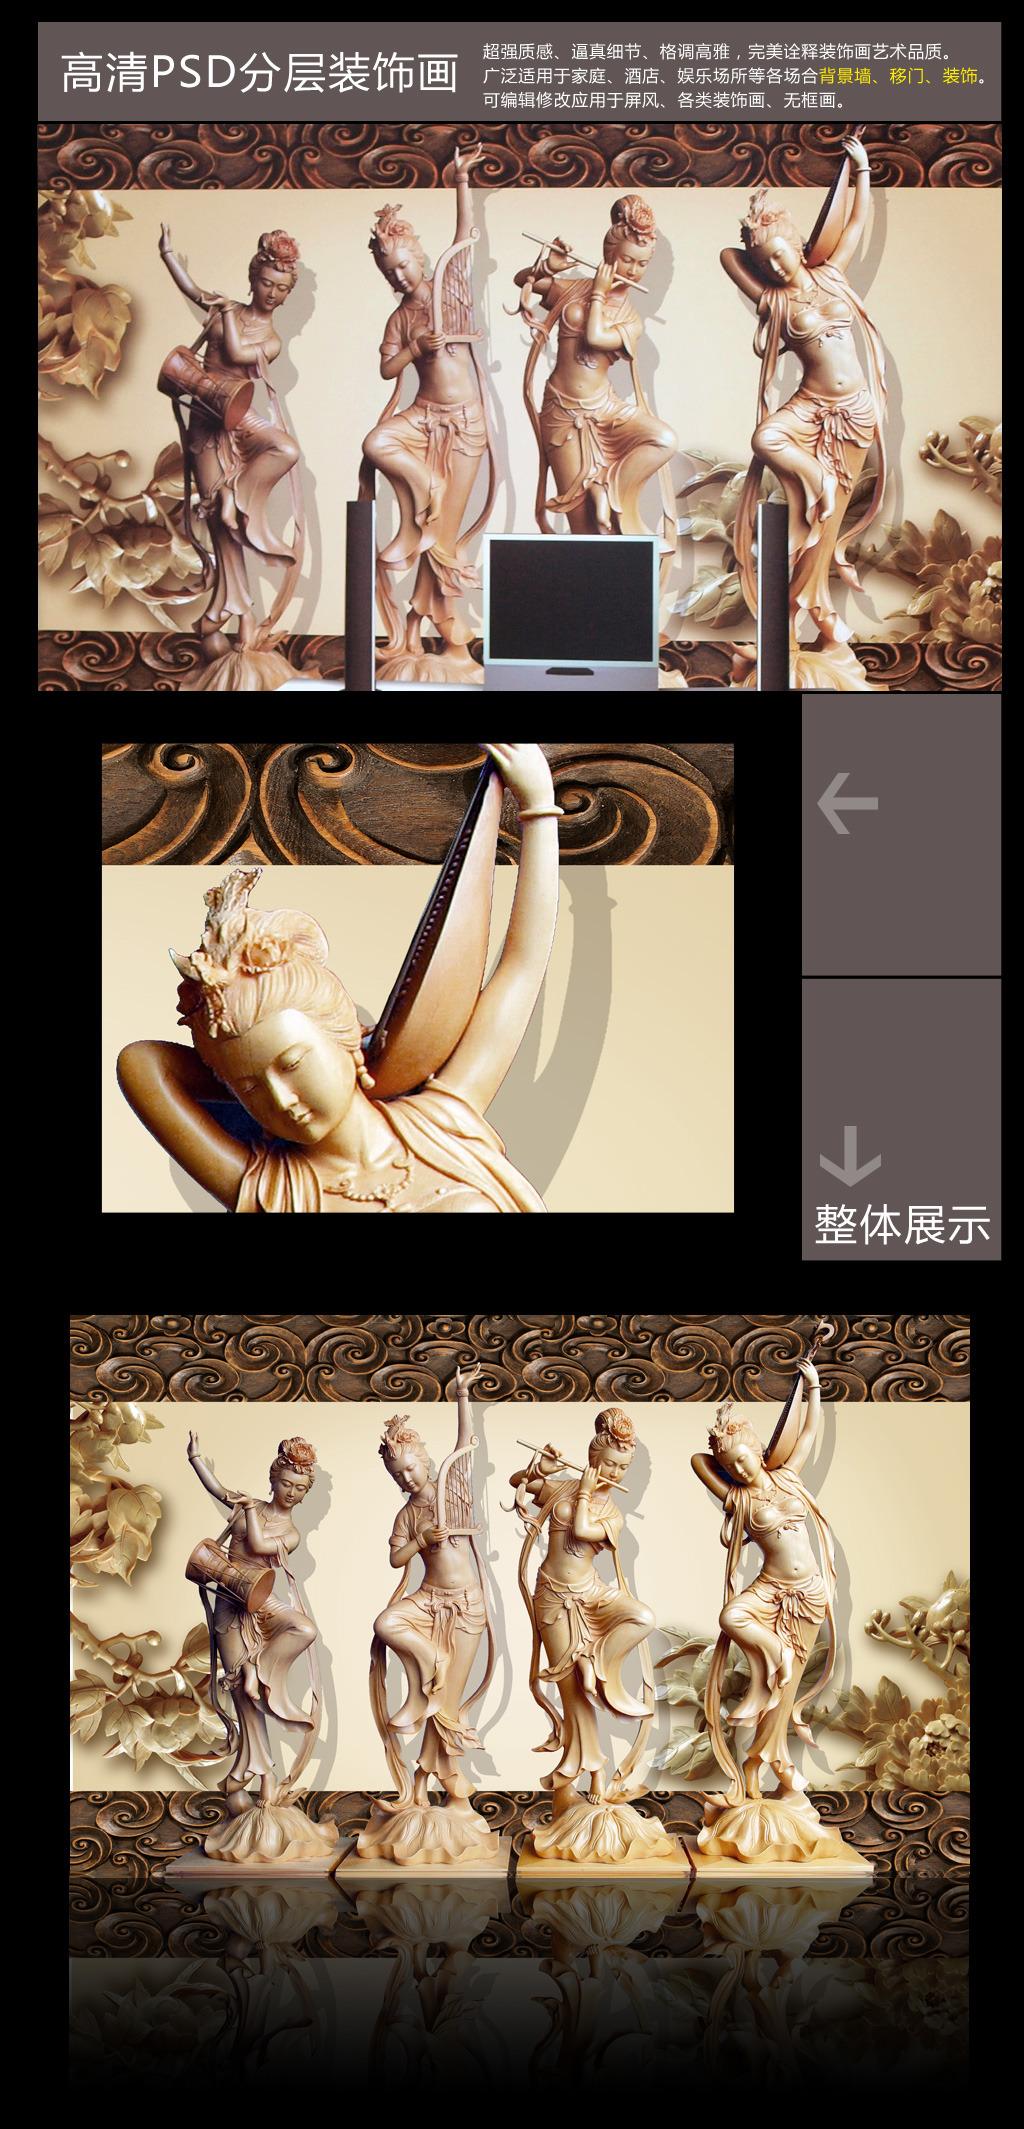 3d木雕四大美女电视背景墙图片